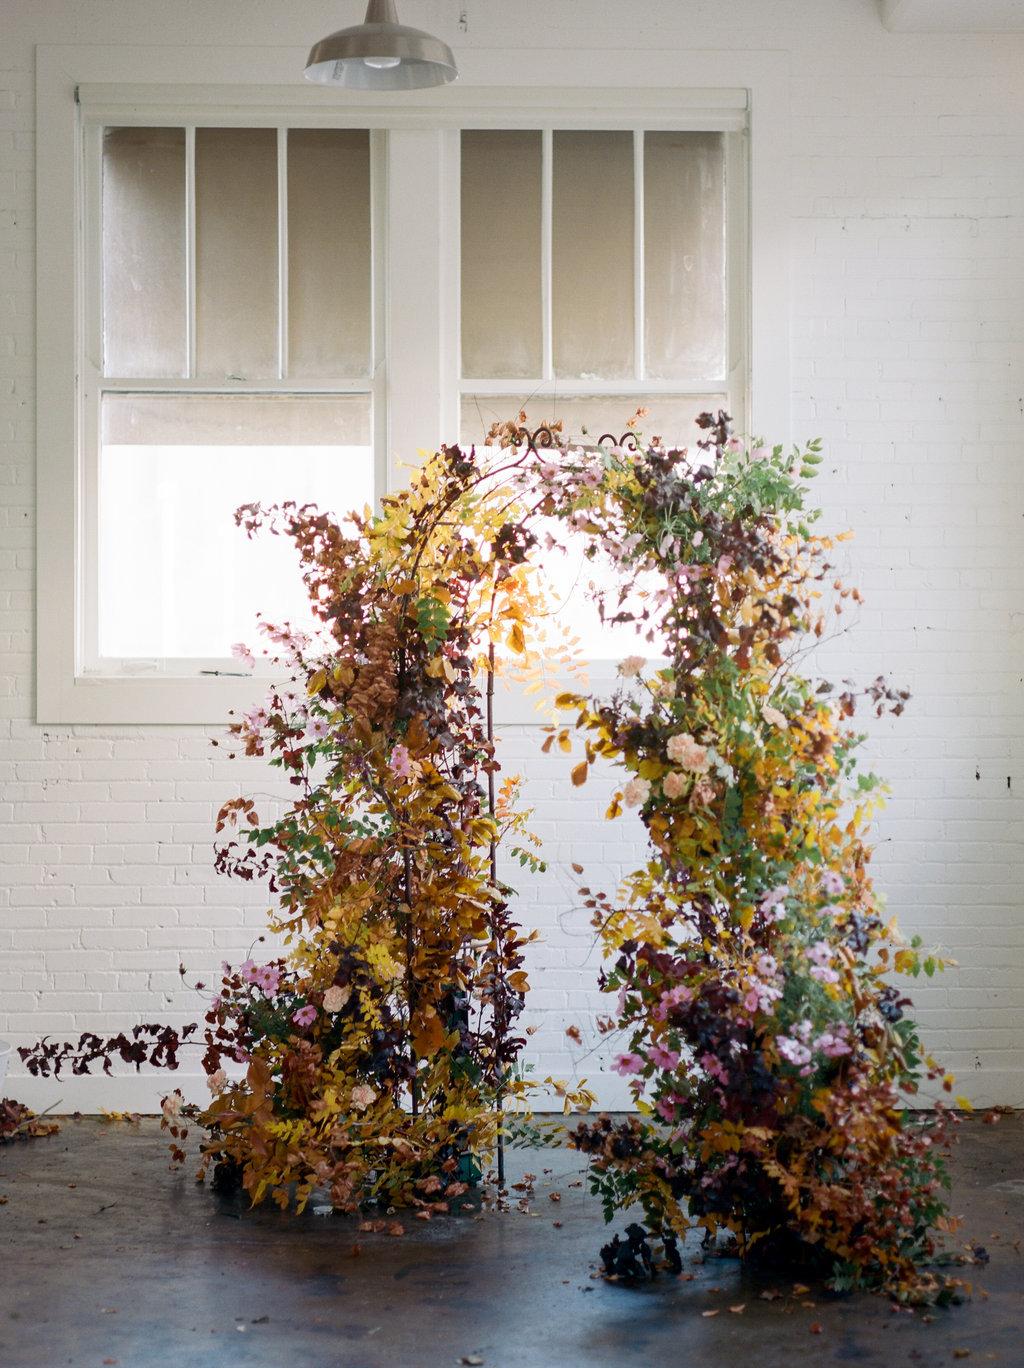 Autumn Days: A Floral Escape